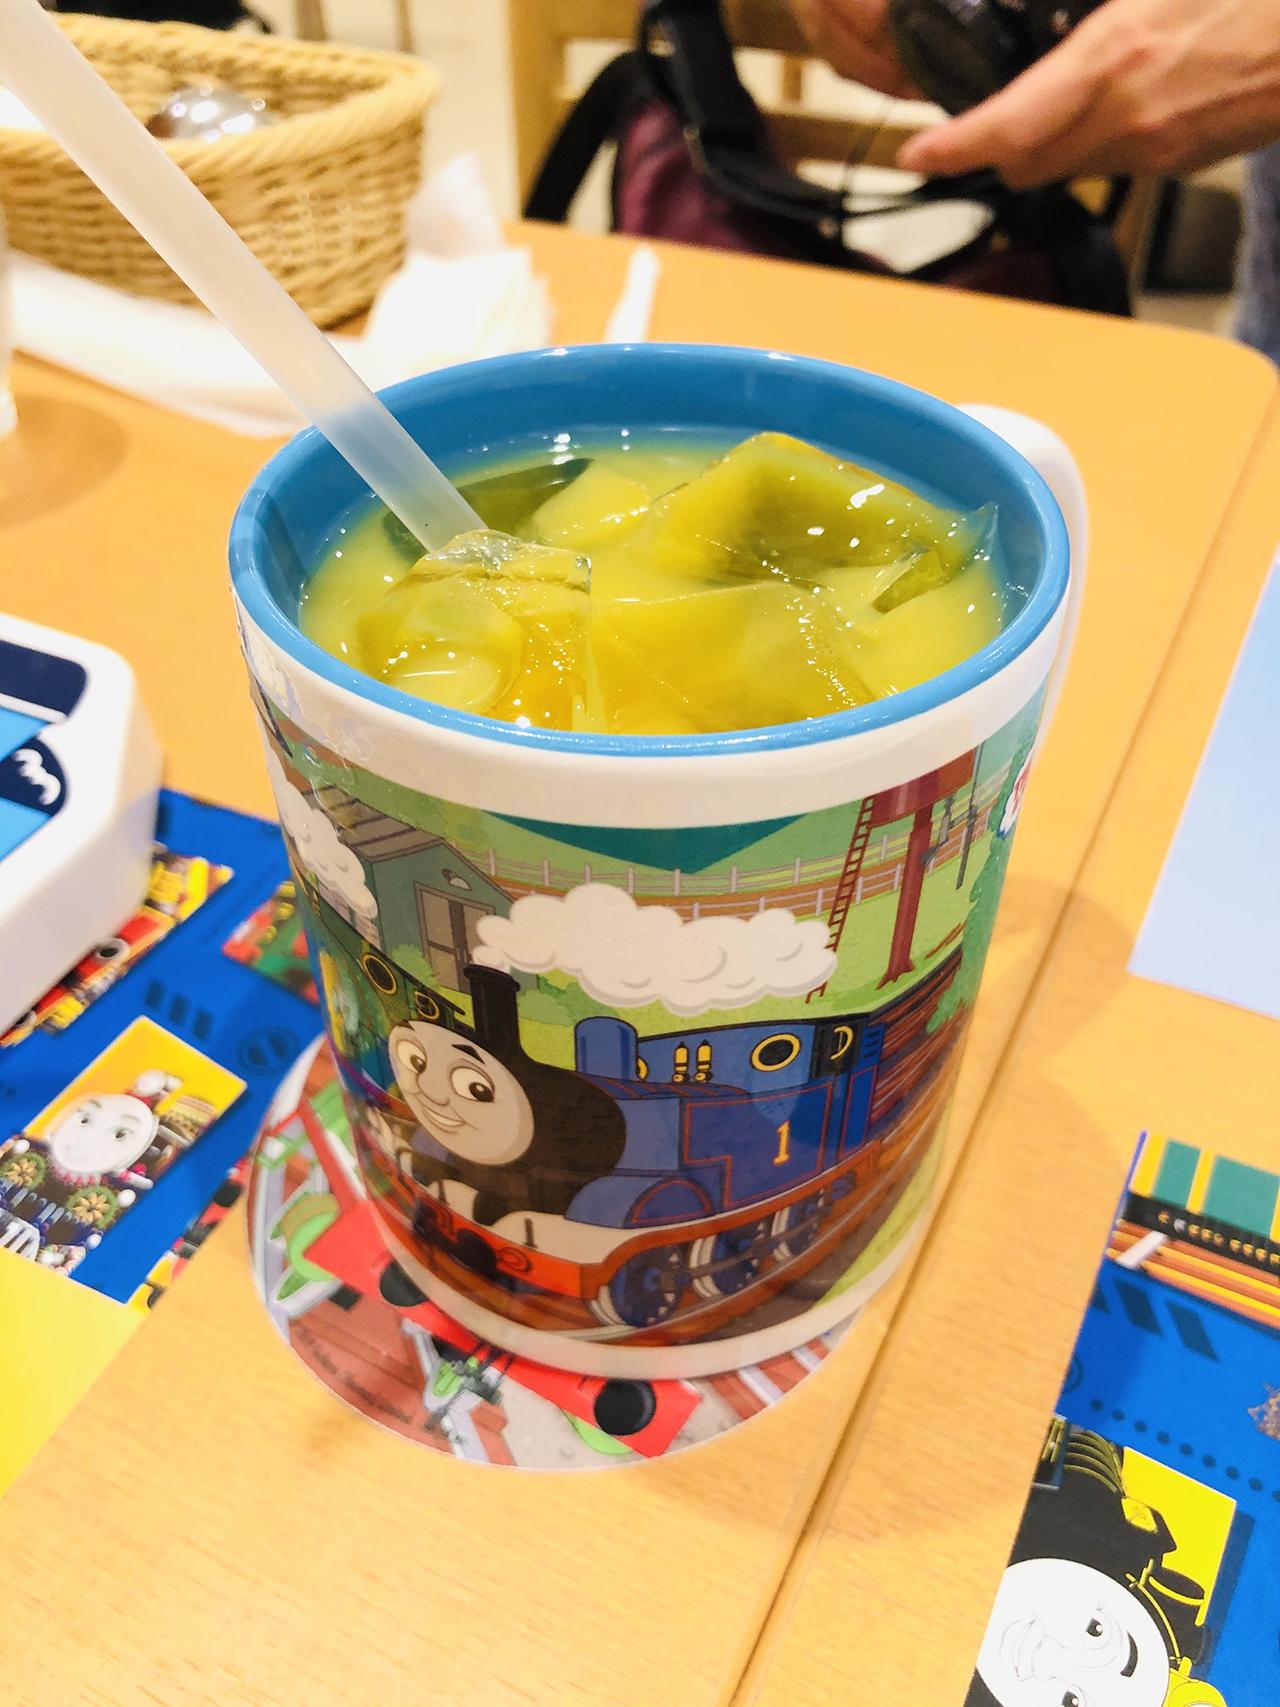 オレンジジュースの写真